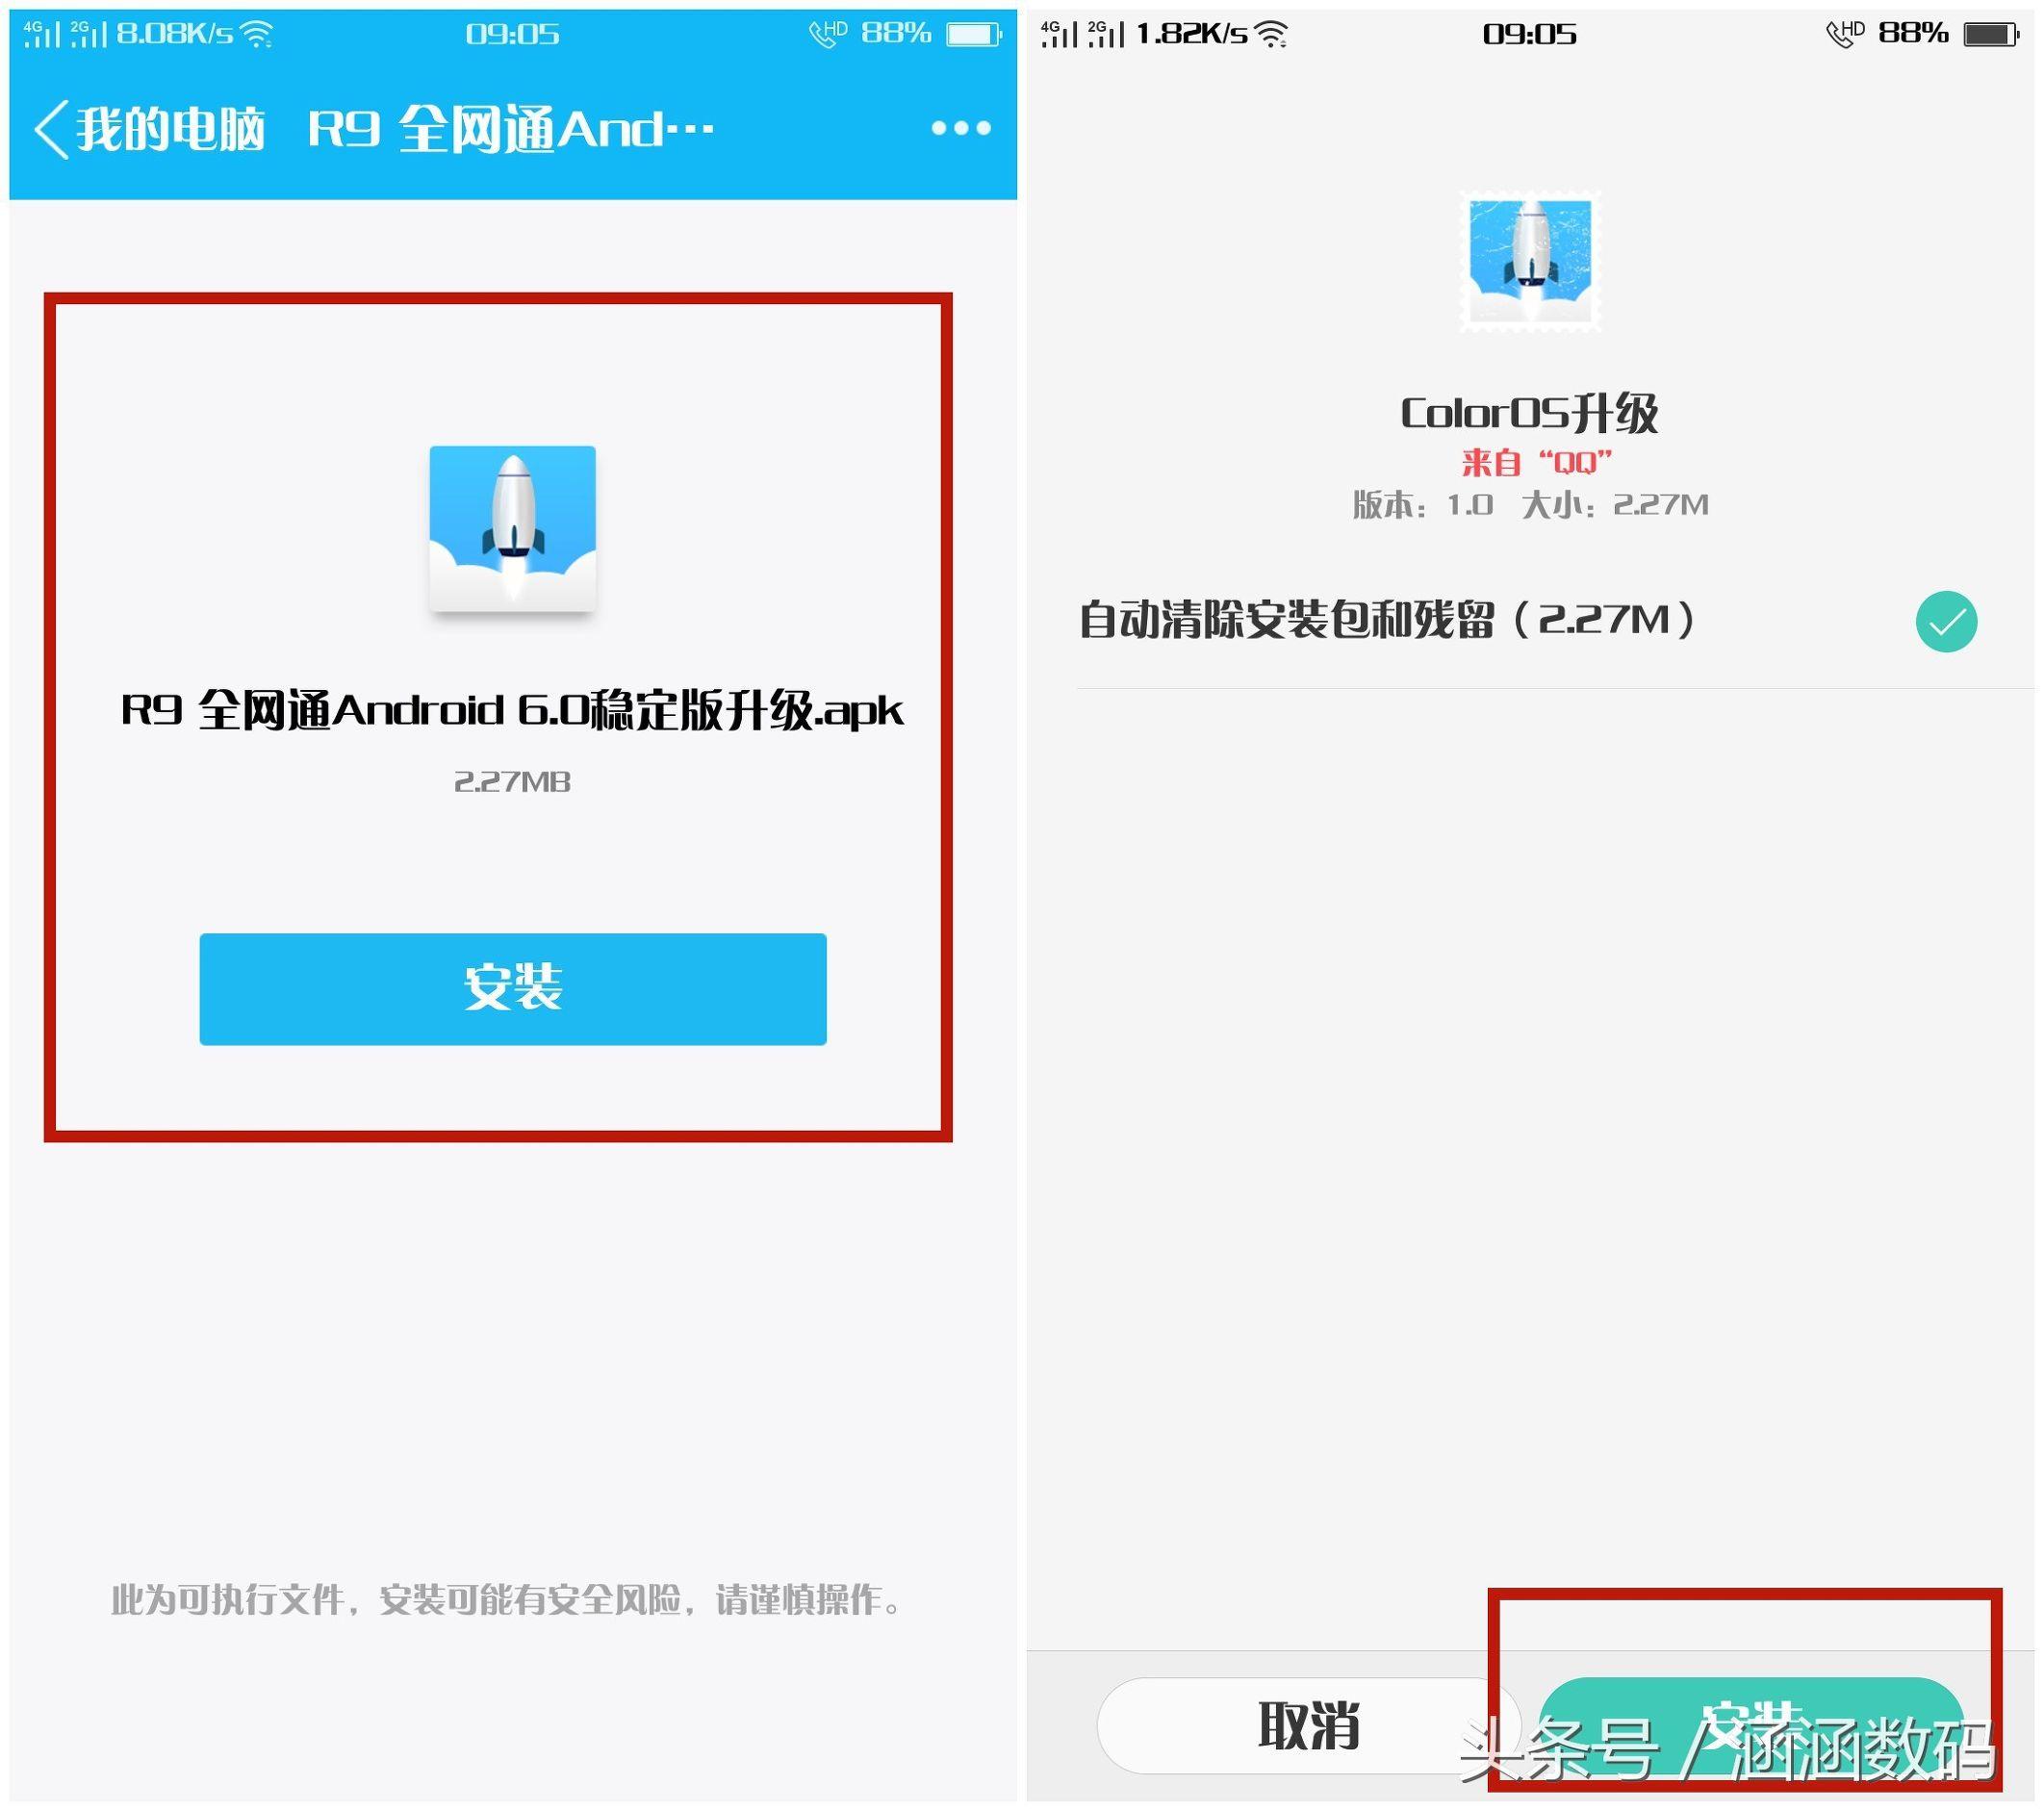 超简单 OPPOR9升級Android 6.0系统软件 详尽实例教程